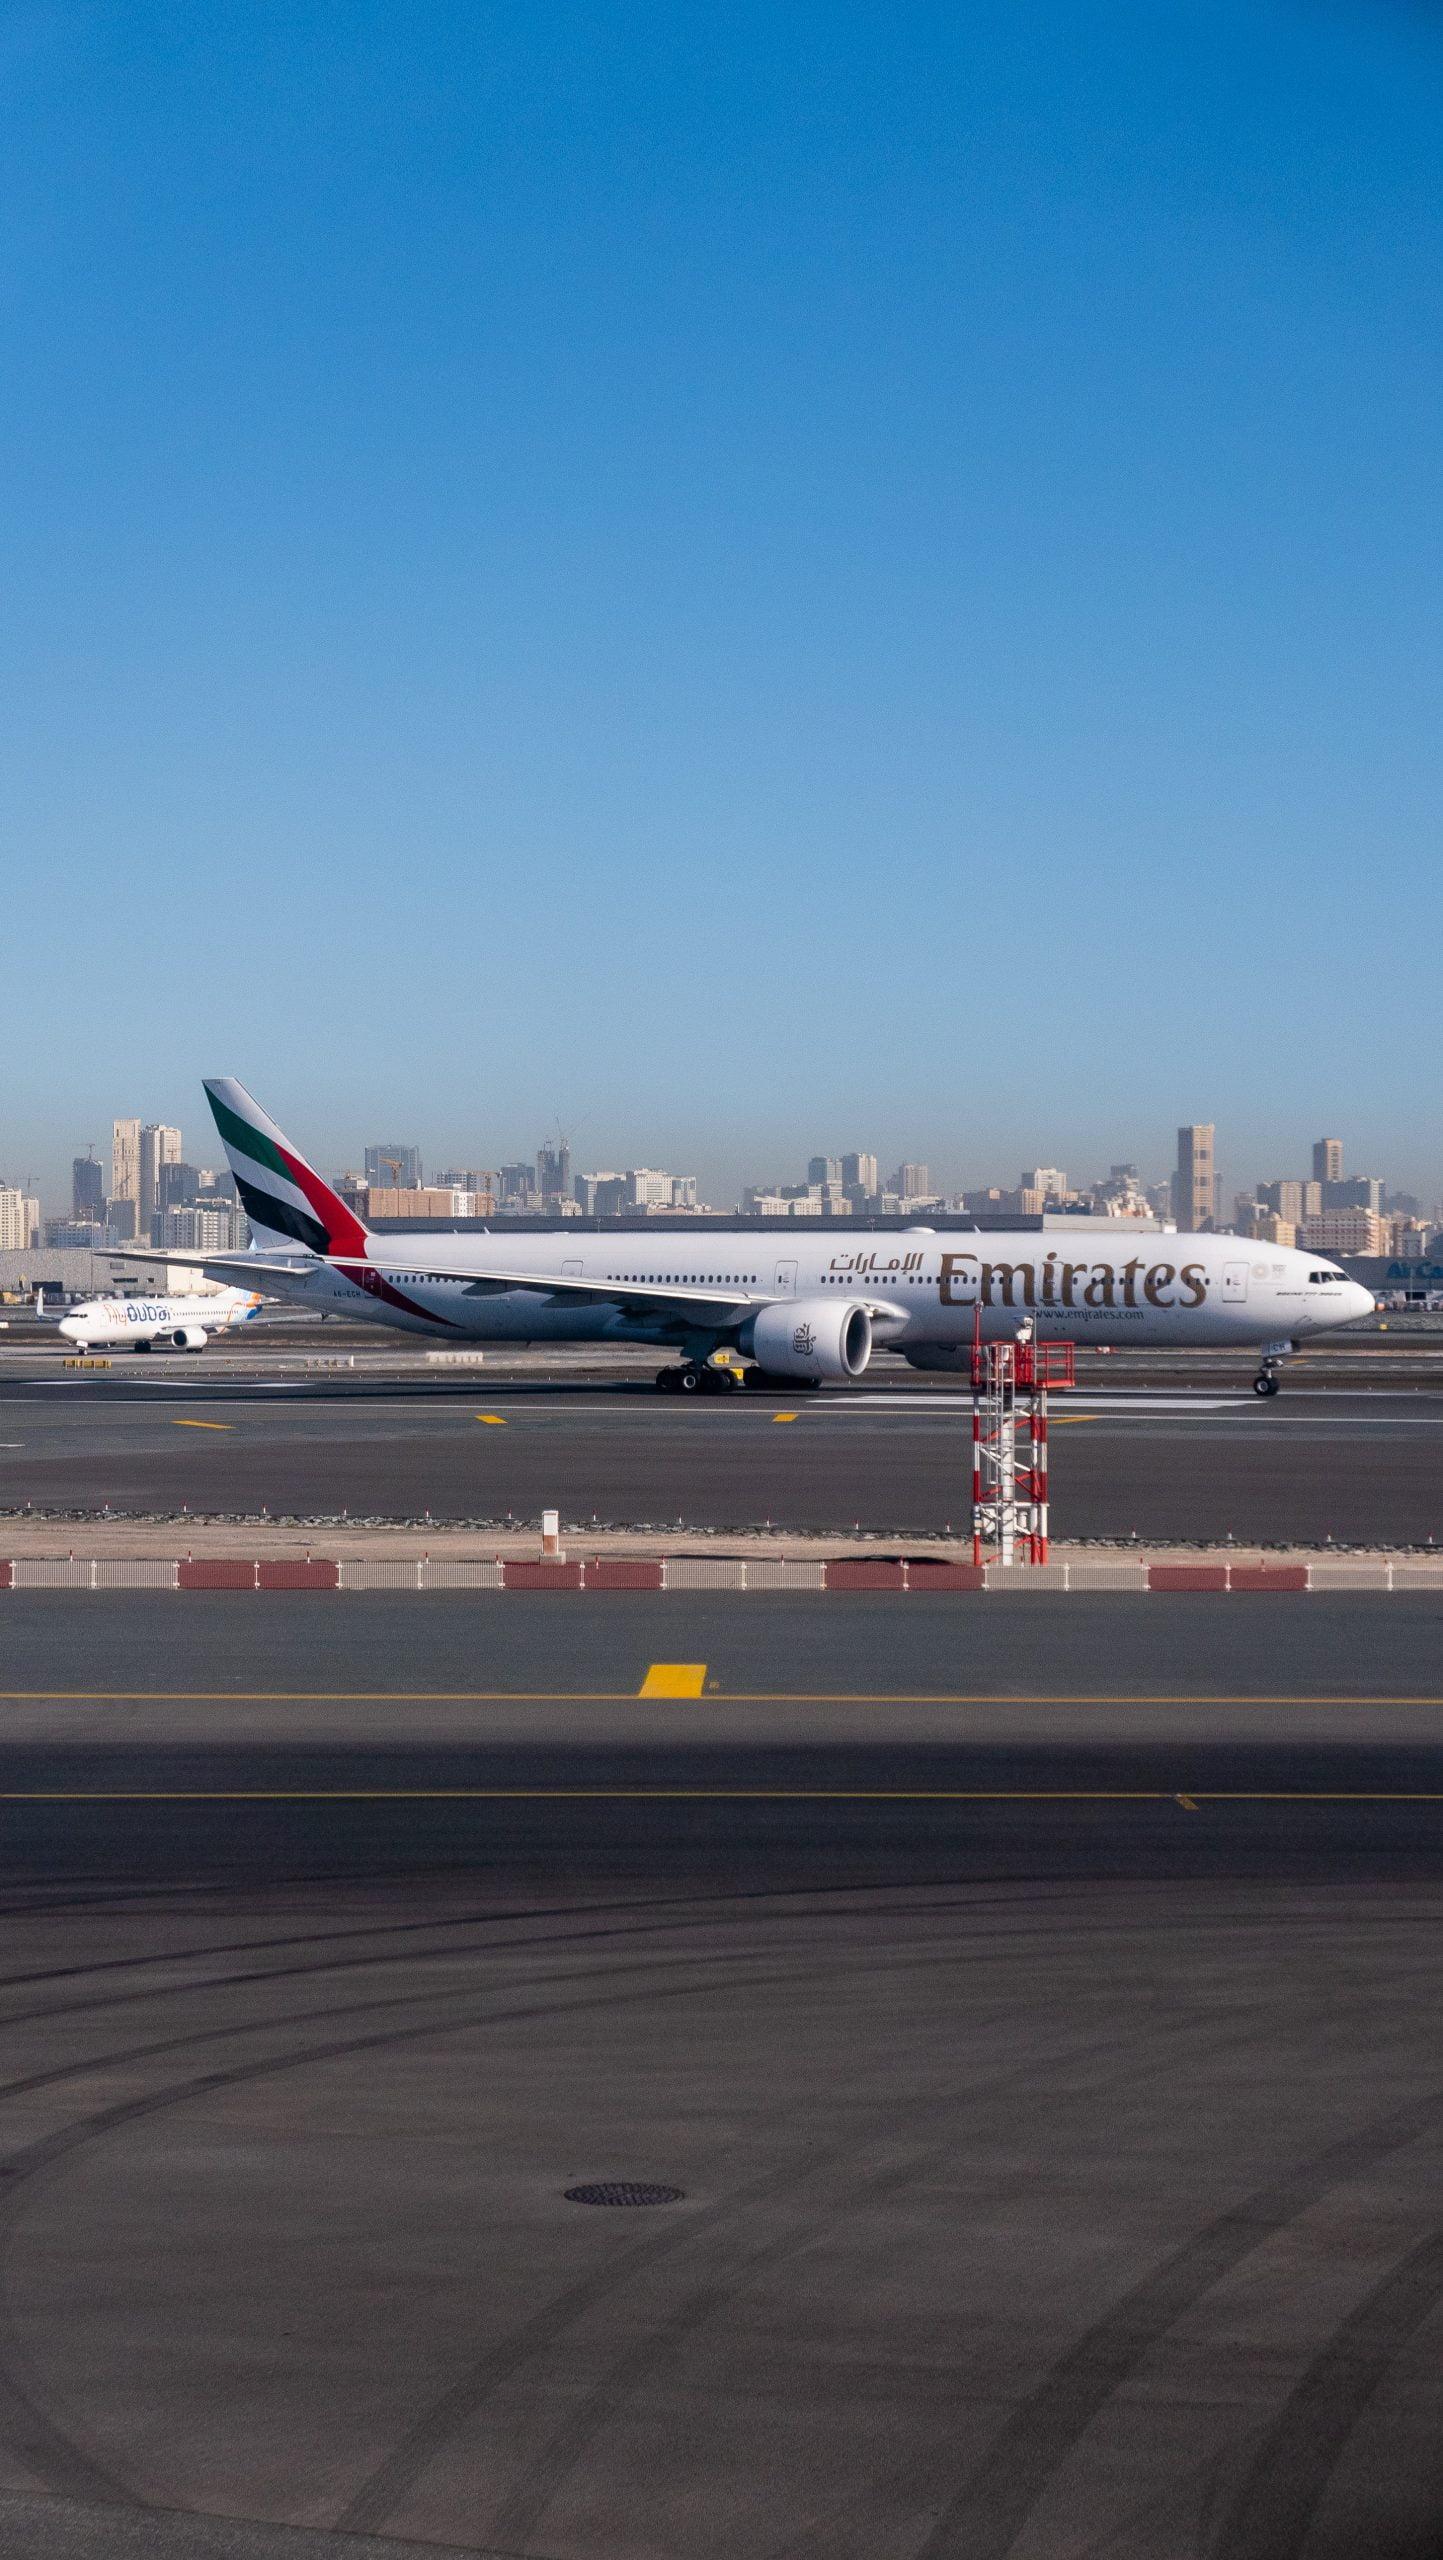 Airport career in Dubai